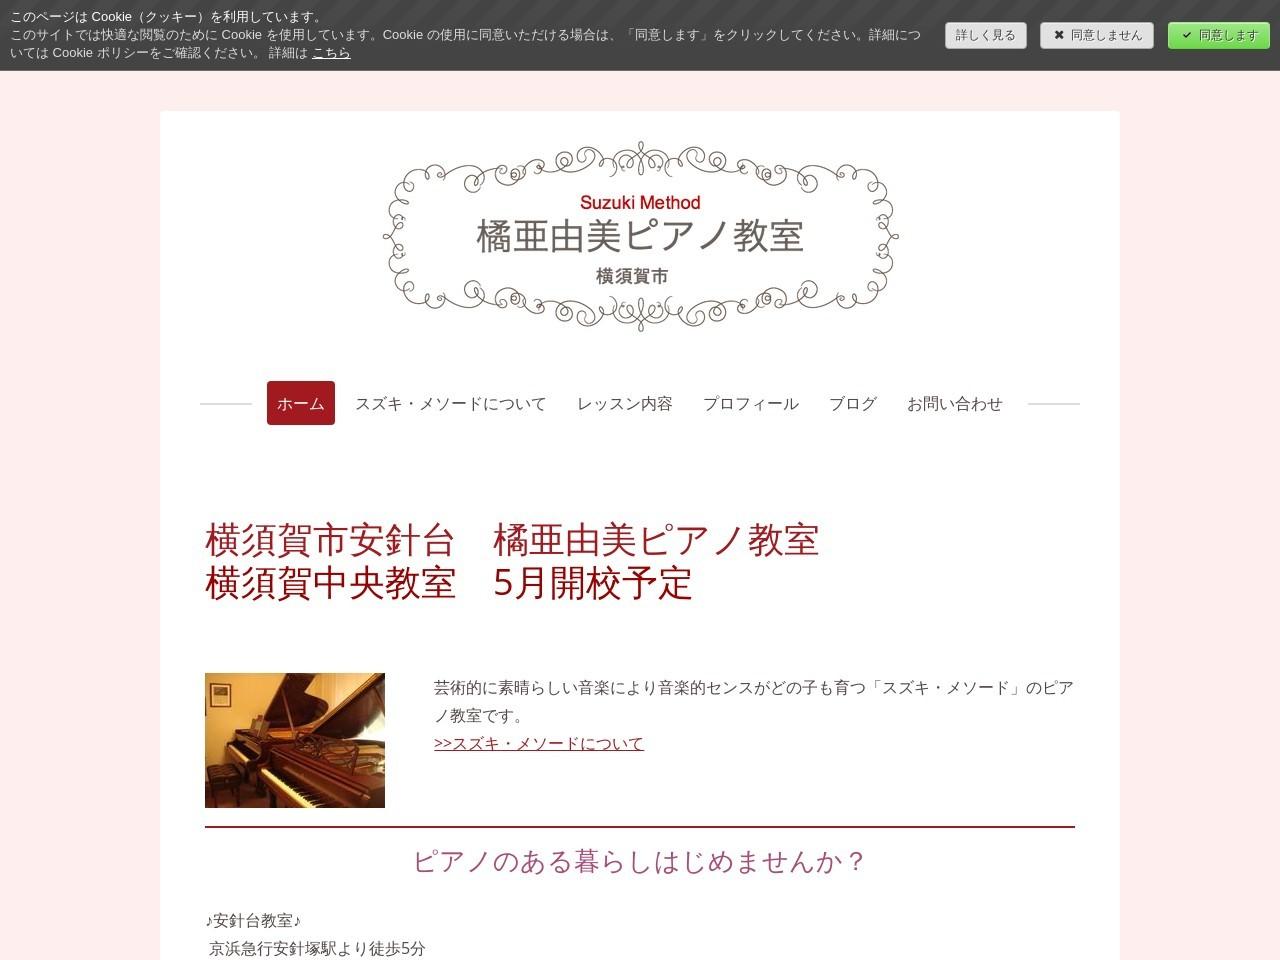 橘亜由美ピアノ教室【安針台教室・横須賀中央教室】のサムネイル